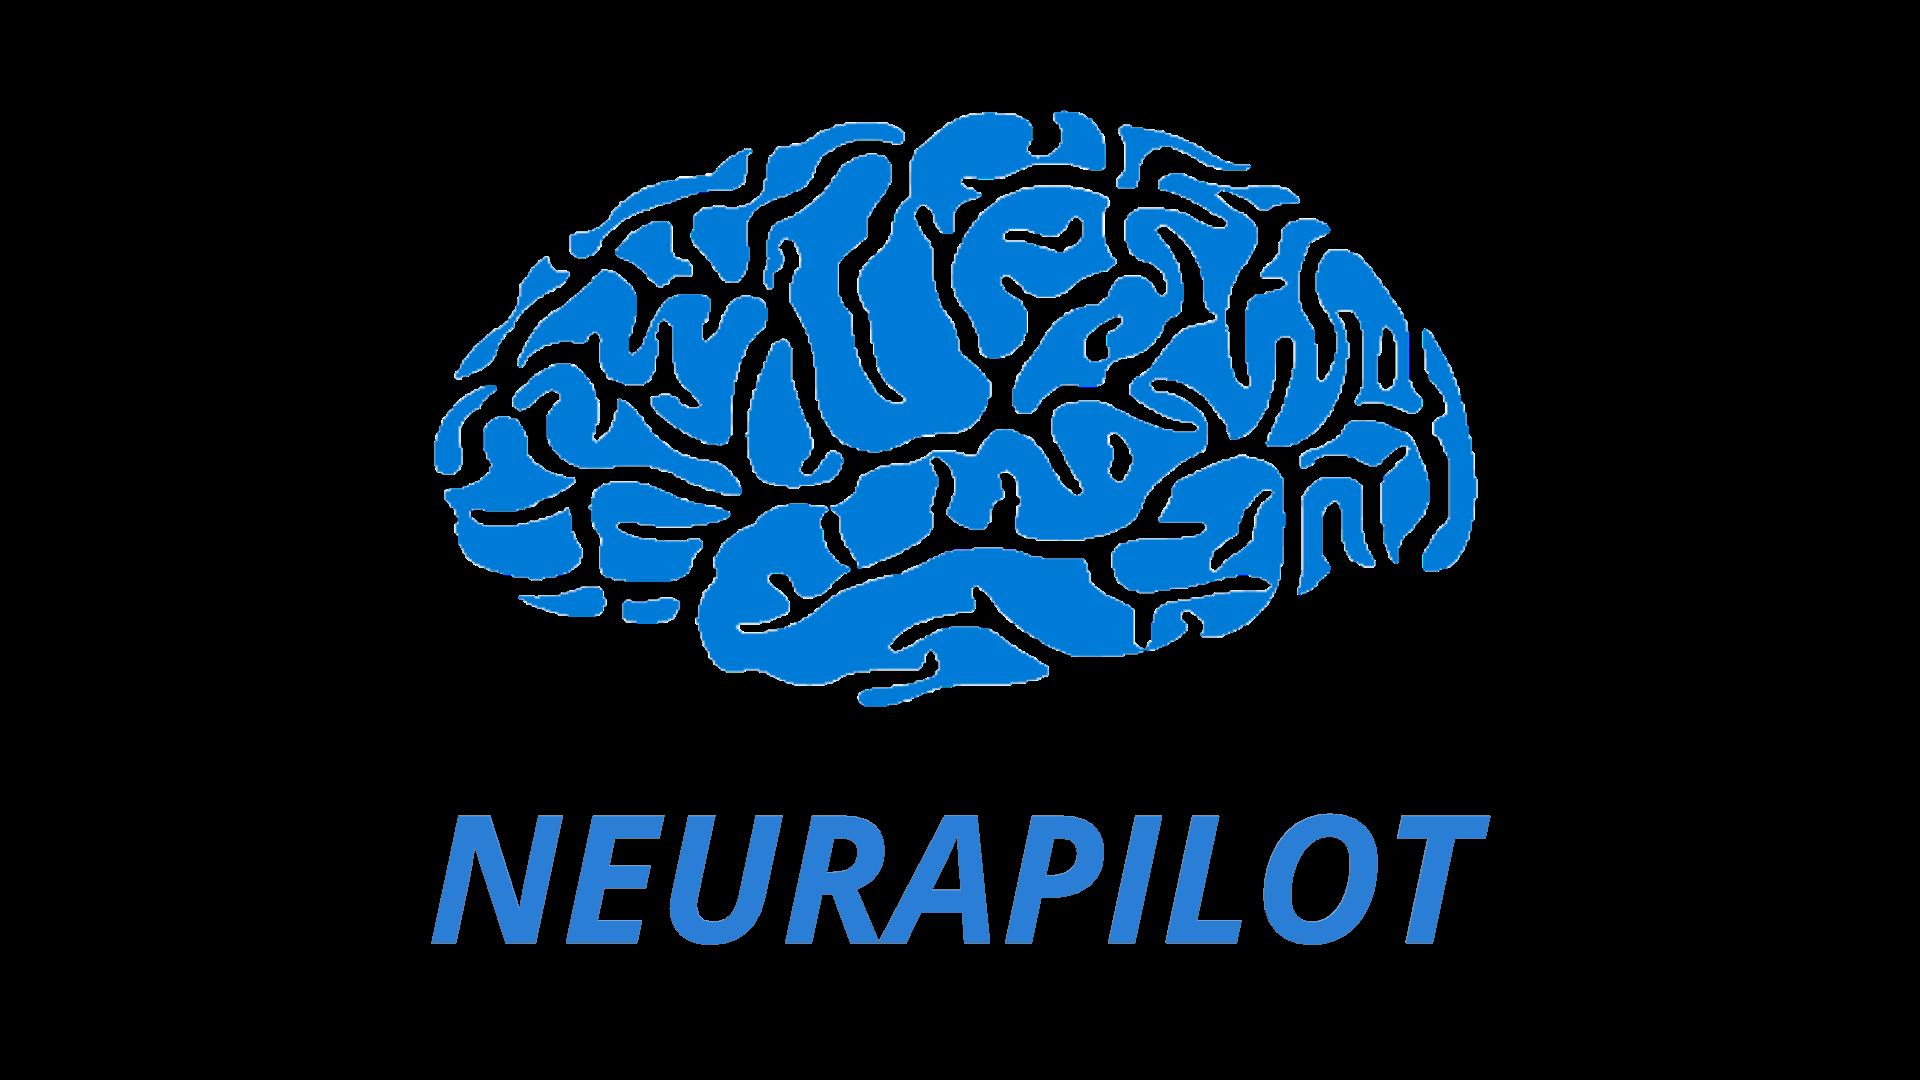 NEURAPILOT